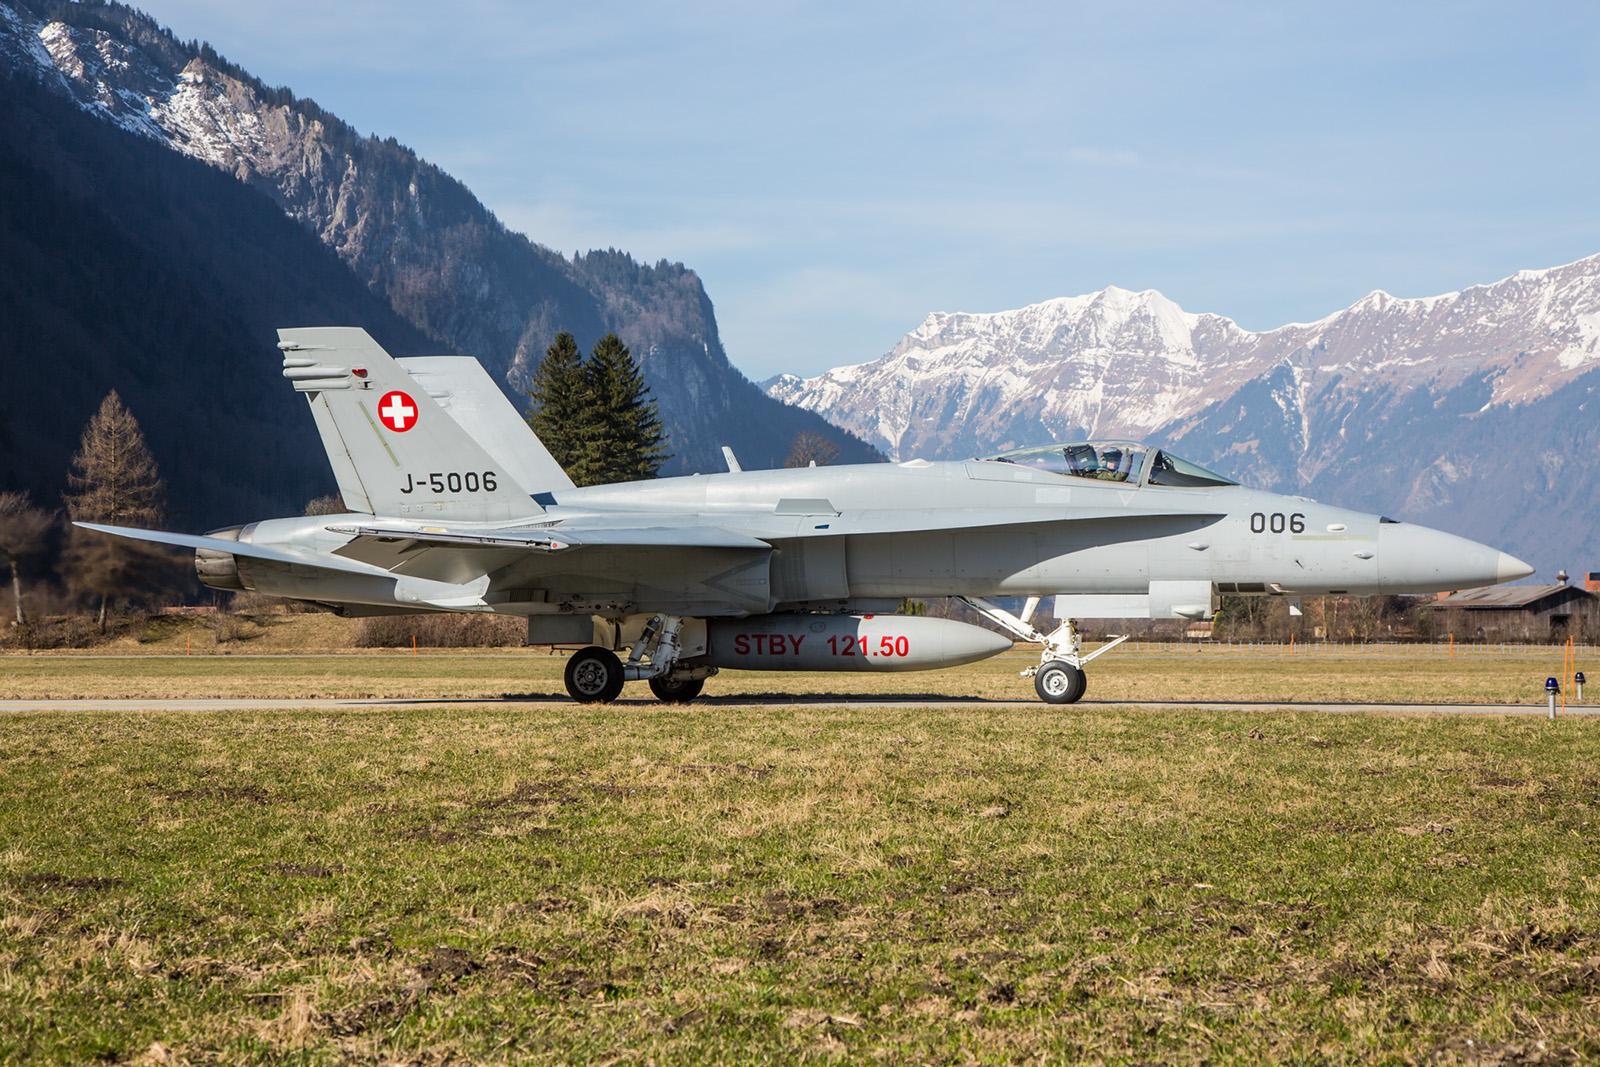 Die Kulisse der Alpen um die flieger herum ist schon atemberaubend.